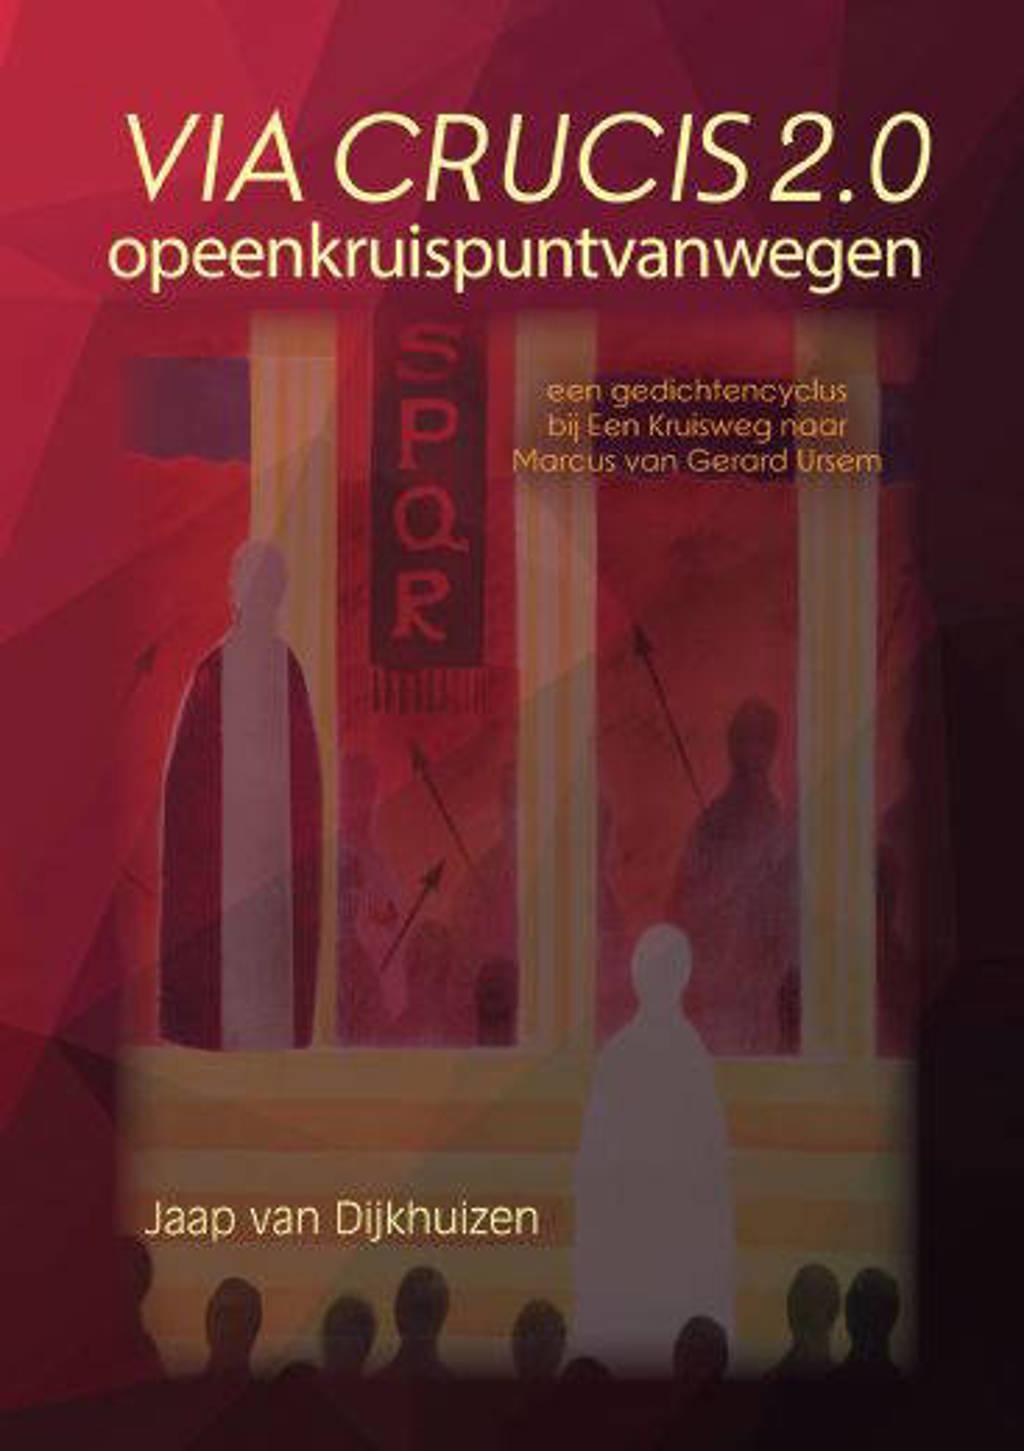 Via Crucis 2.0 - van Dijkhuizen Jaap